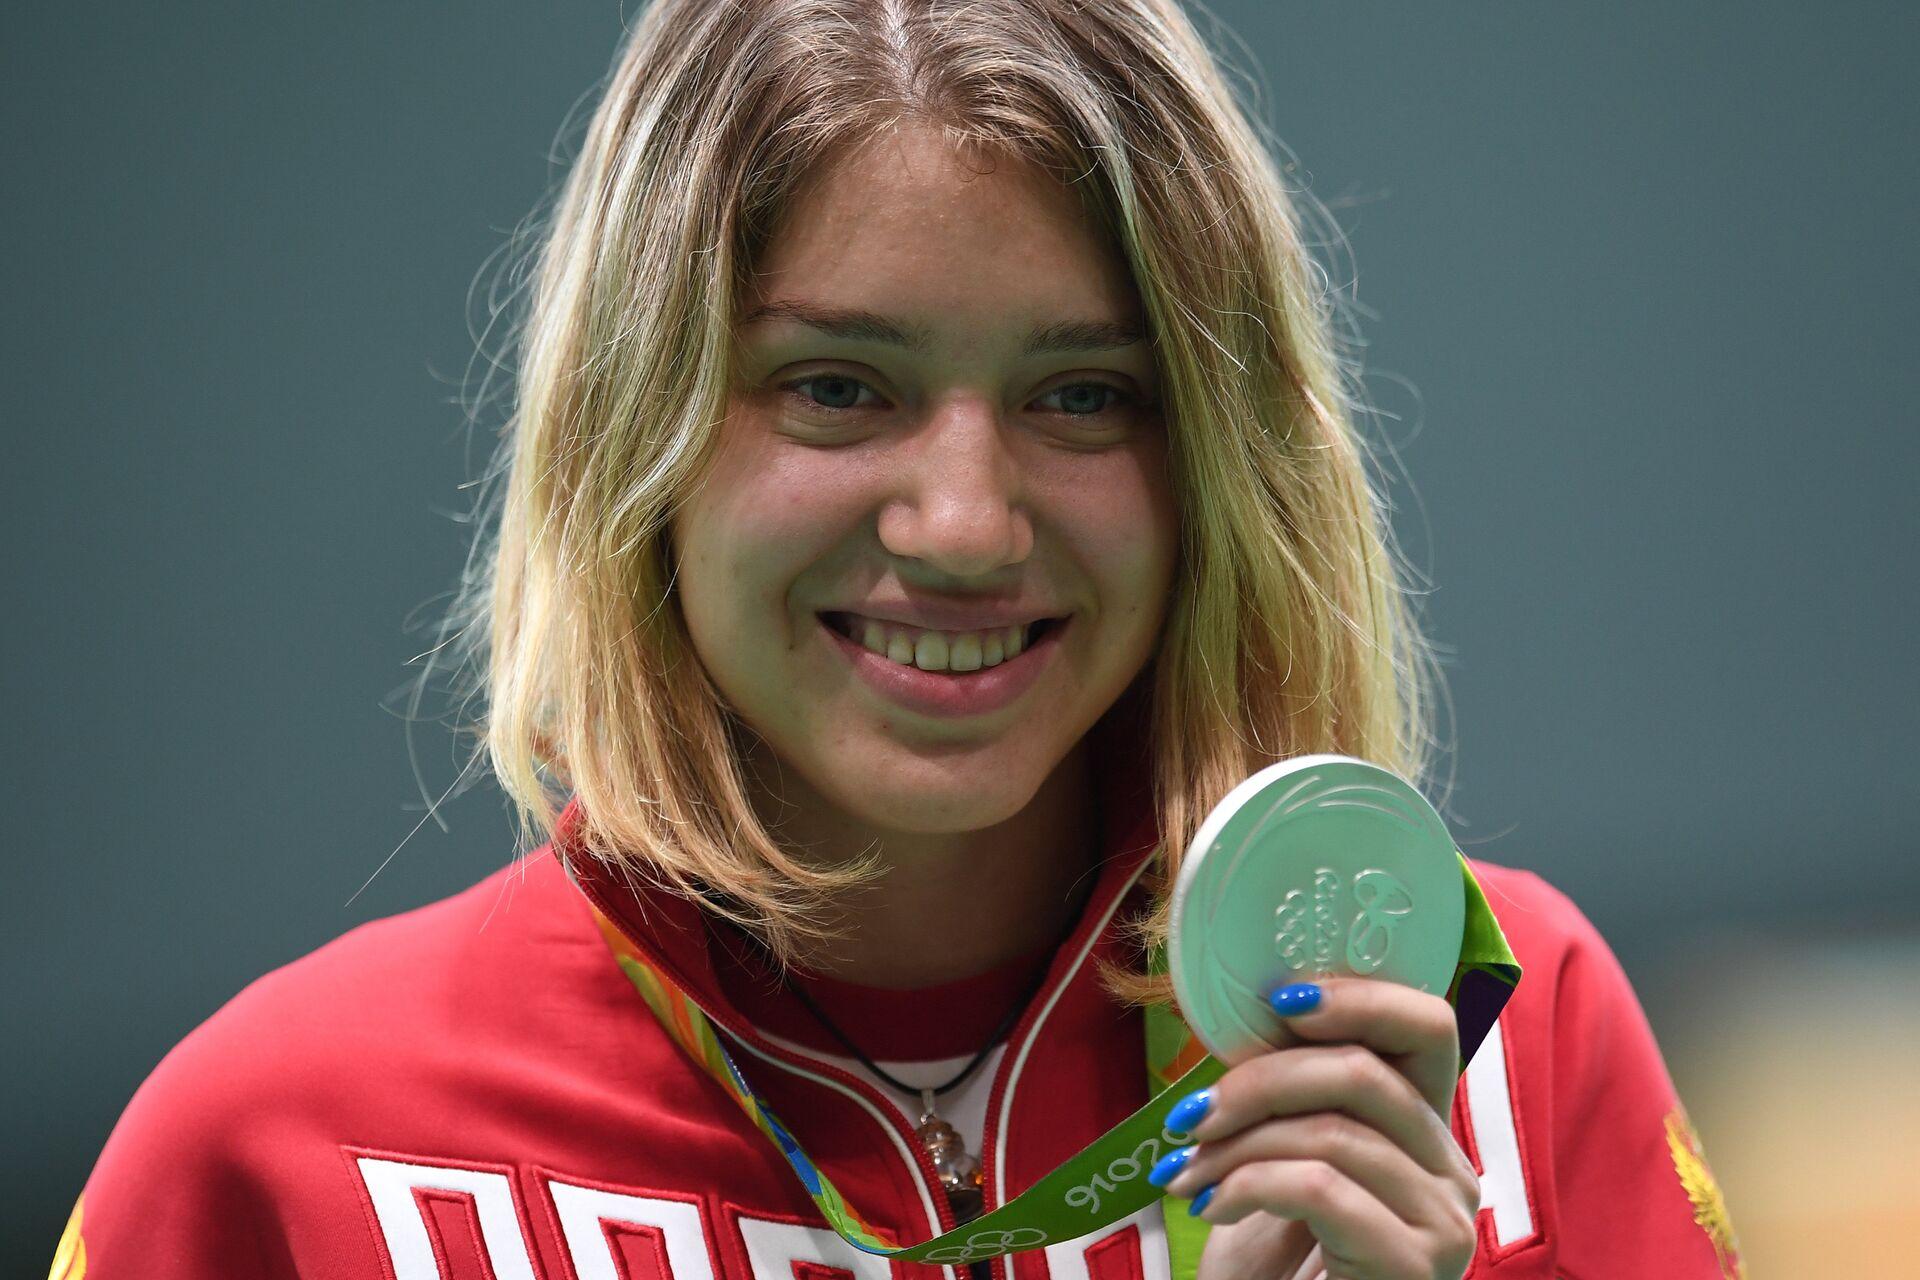 Виталина Бацарашкина (Россия), завоевавшая серебряную медаль по стрельбе из пневматического пистолета на 10 м женщин на XXXI летних Олимпийских играх - РИА Новости, 1920, 25.07.2021